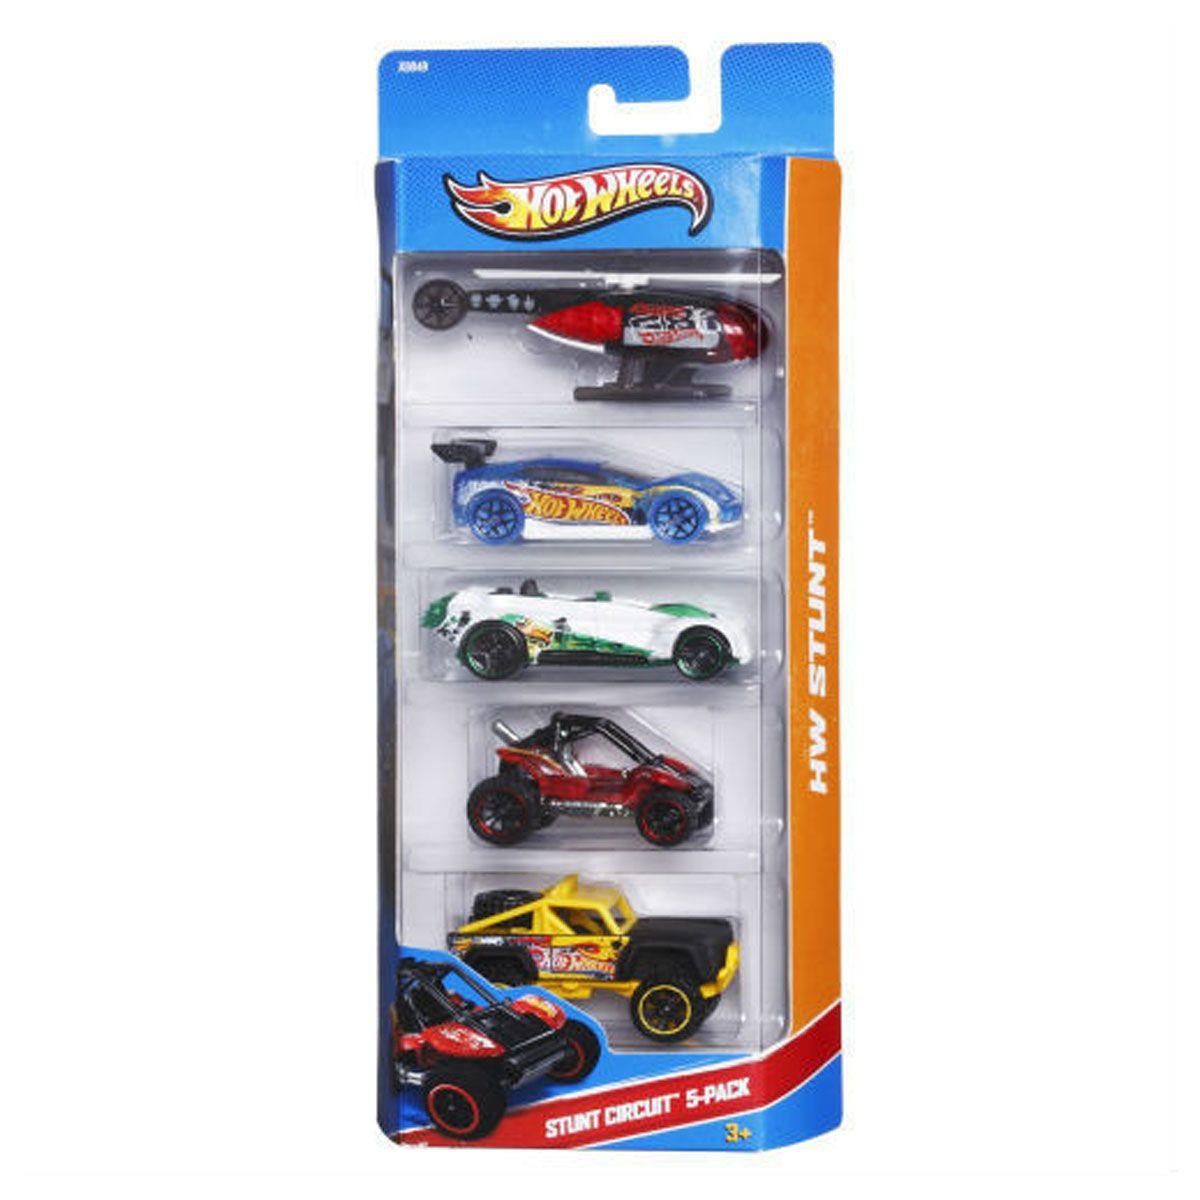 Hot Wheels City Super Garage Ultime Fdf25 Coffret De Jeu dedans Jeux De Voitures Pour Enfants